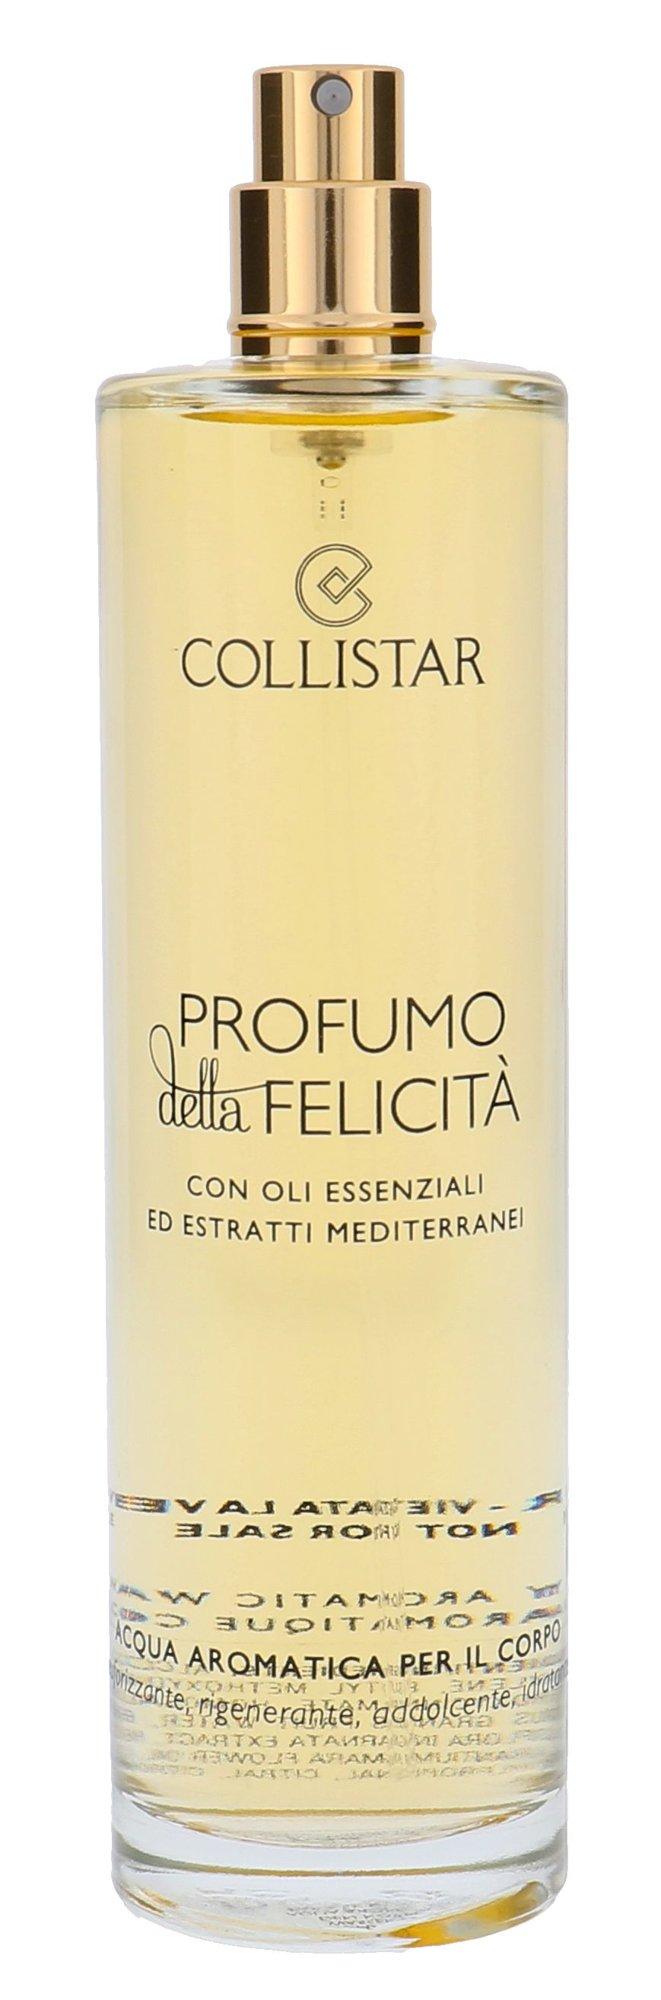 Collistar Benessere Della Felicita Cosmetic 100ml